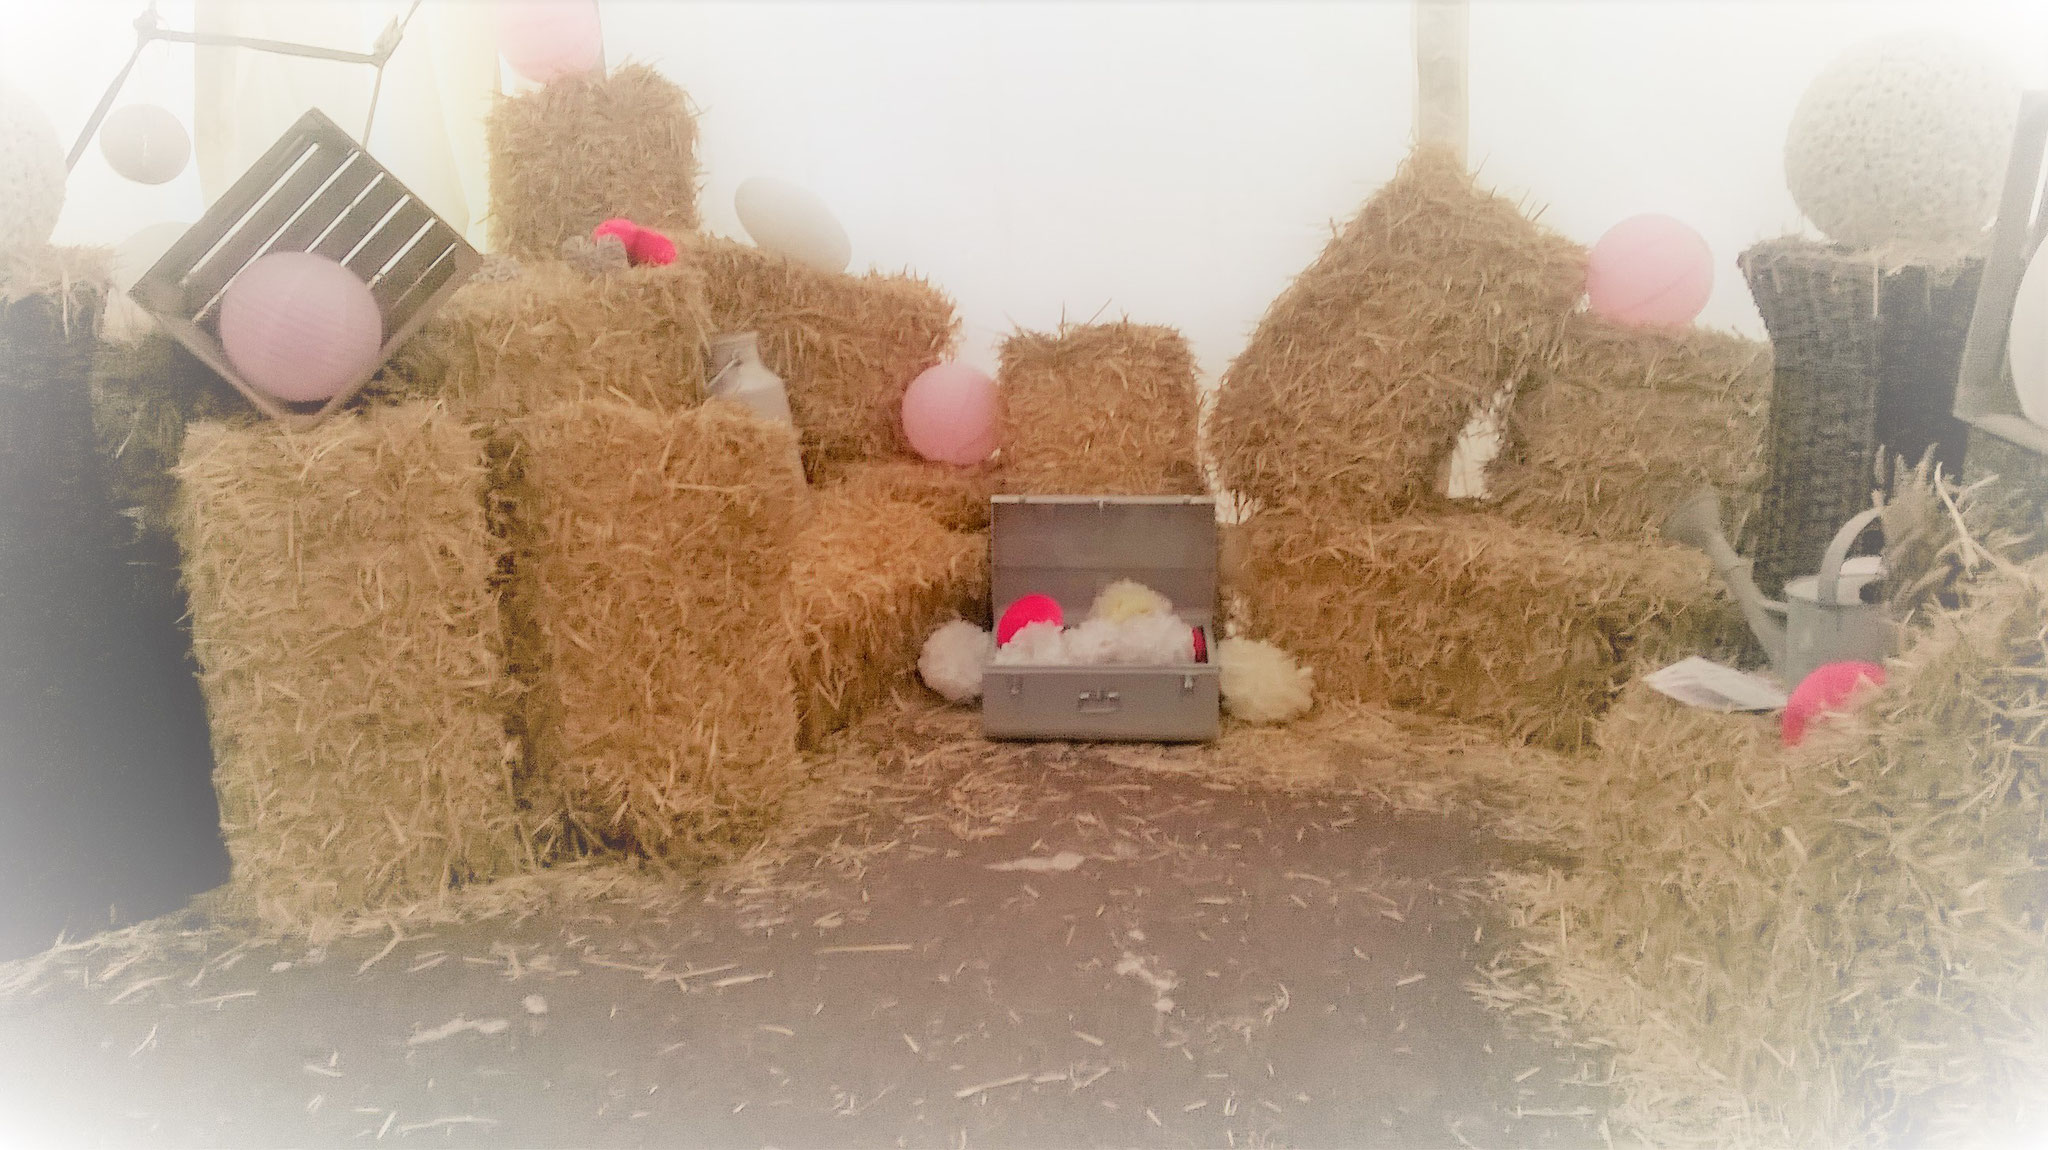 la d coration photobooth petites bottes de paille et de foin. Black Bedroom Furniture Sets. Home Design Ideas